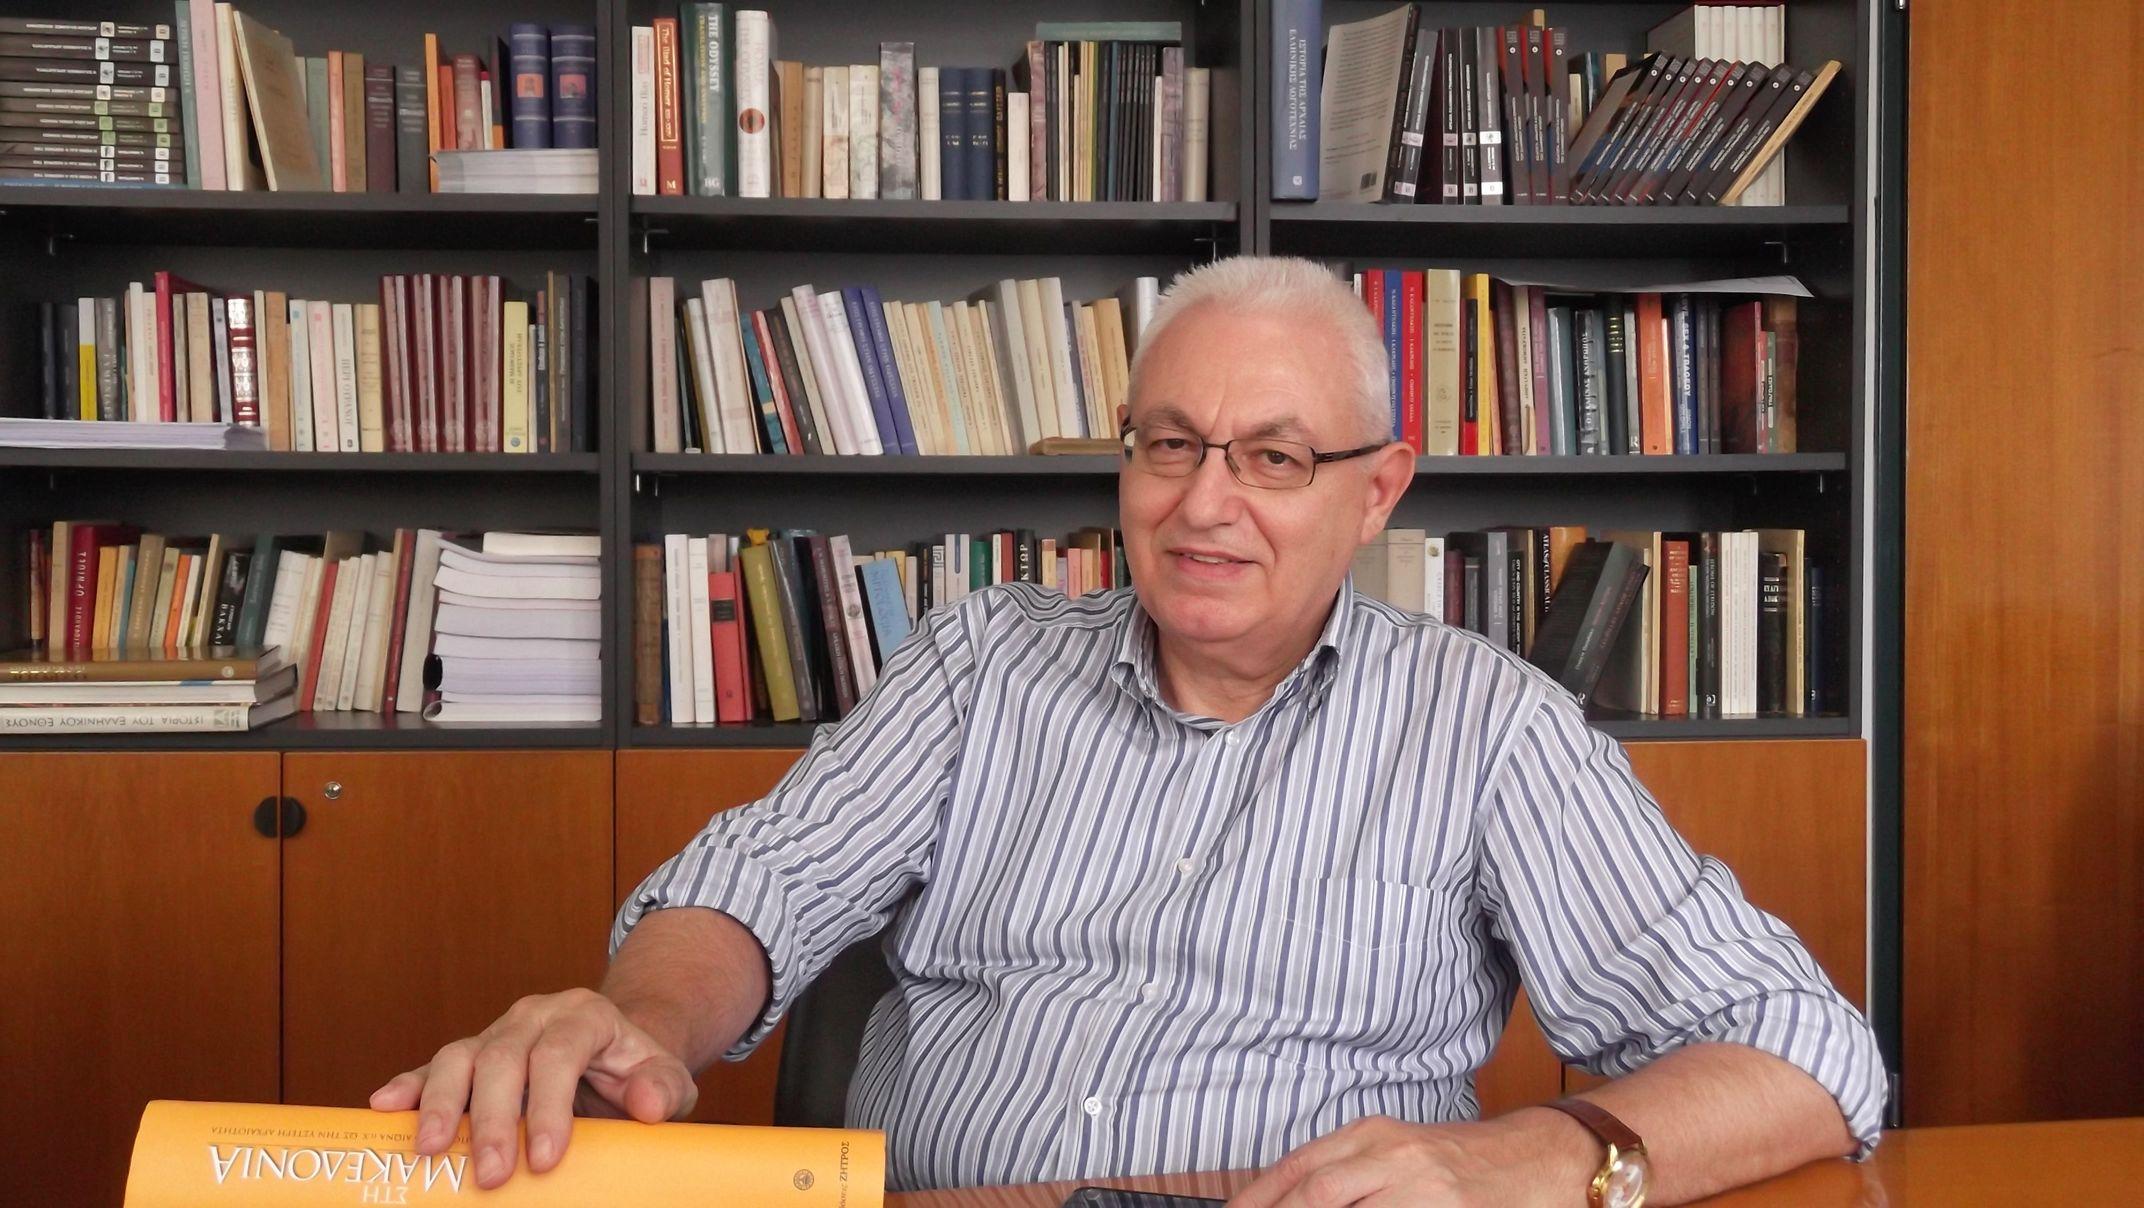 Θεσσαλονίκη: Απαγχονισμένος ο καθηγητής του ΑΠΘ Ιωάννης Καζάζης